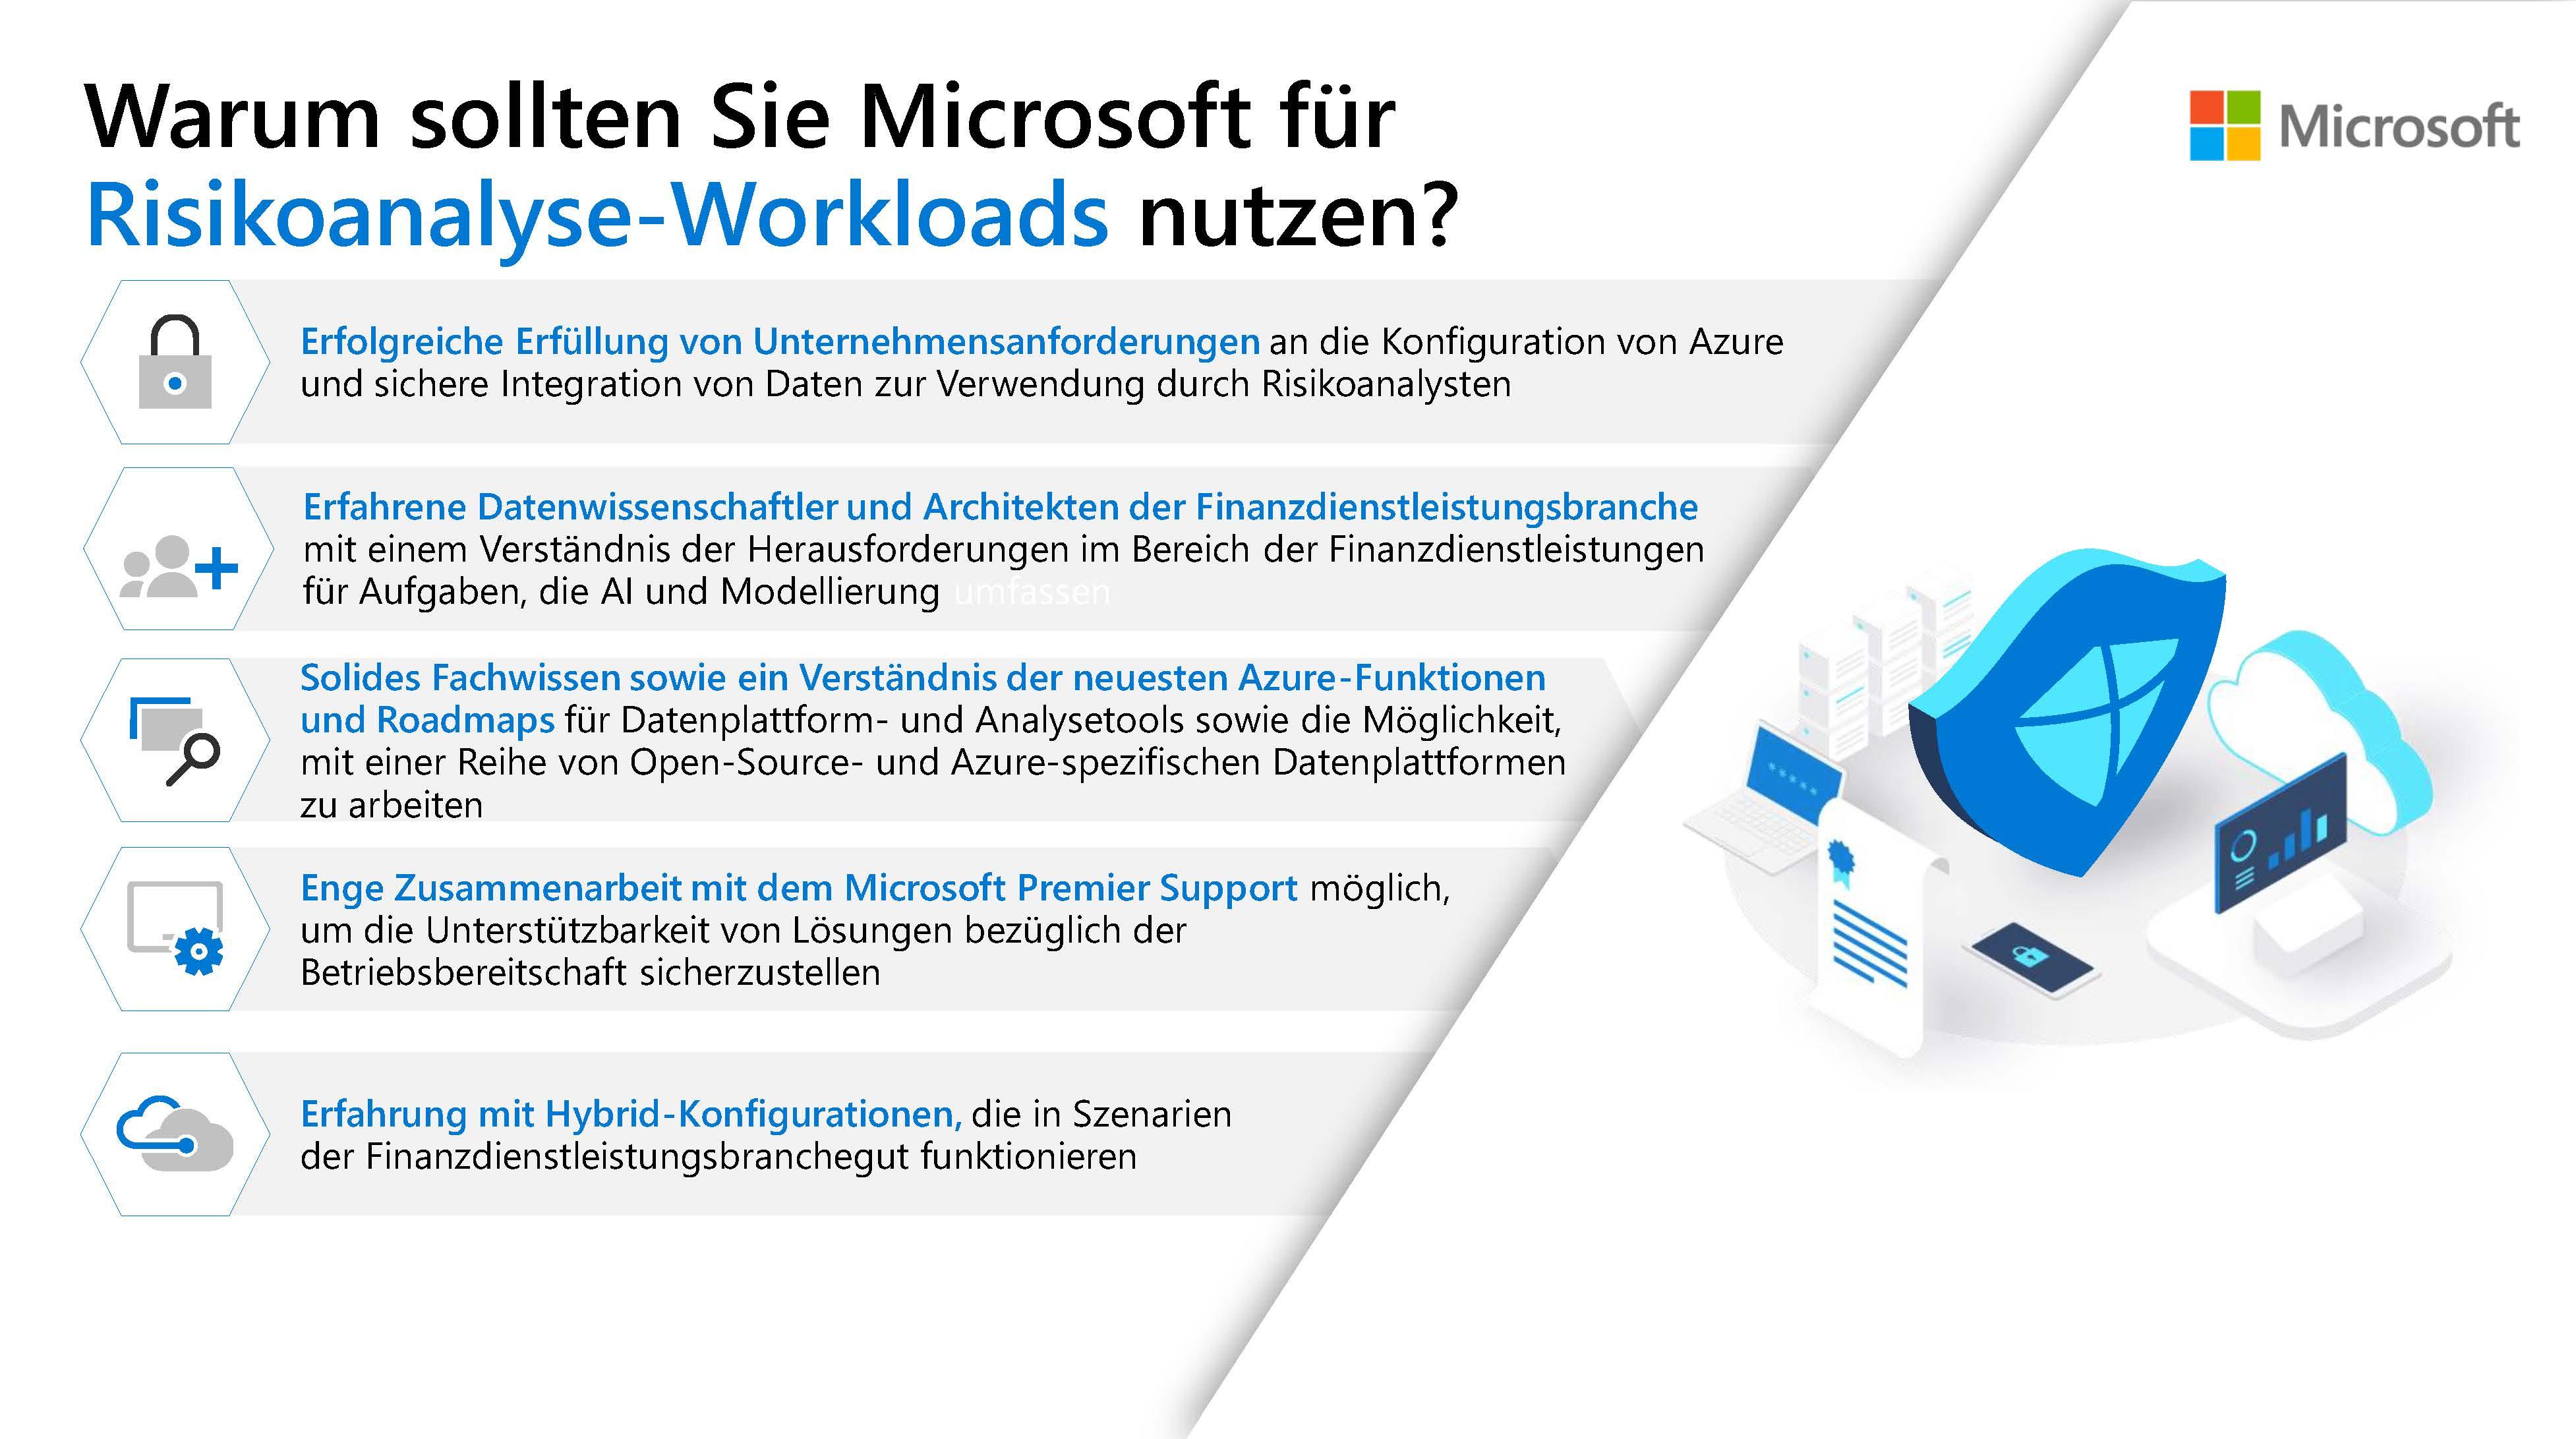 Die Vorteile einer Risikoanalyse durch Microsoft